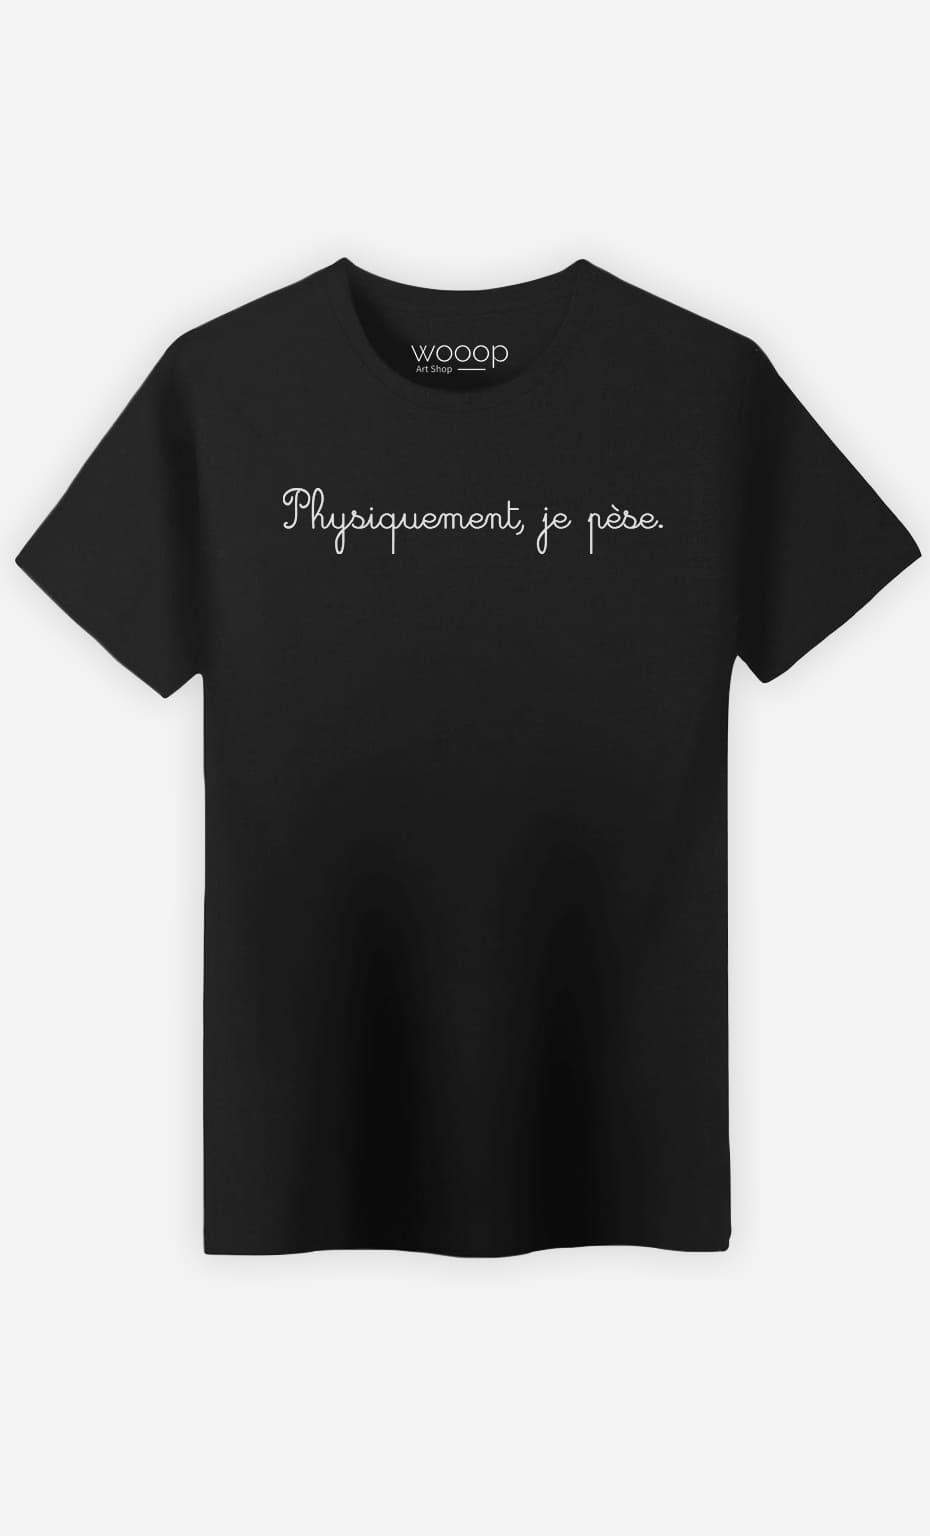 T-Shirt Noir Homme Physiquemment je pèse